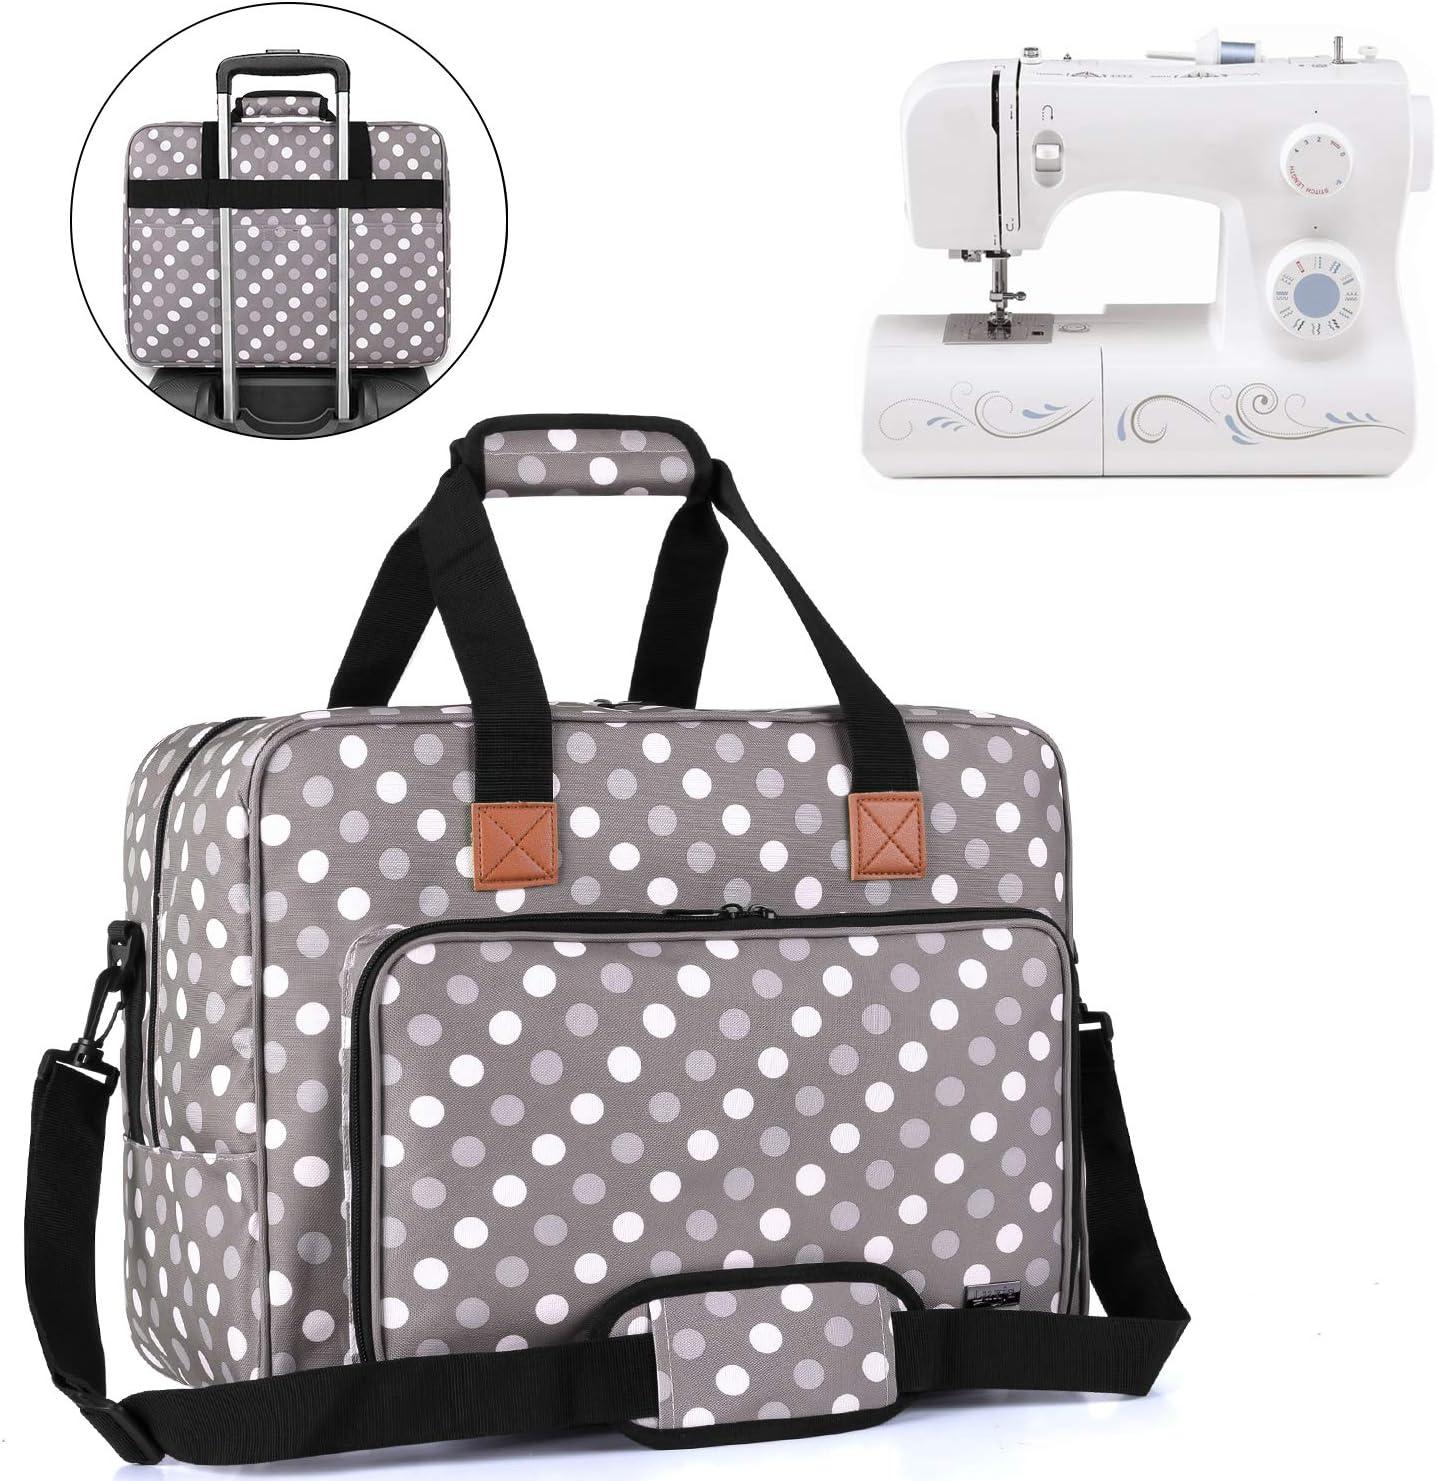 Luxja Bolsa para Máquina de Coser, Bolso Portátil para Máquina de Coser y los Accesorios de cosedora, Puntos Grises